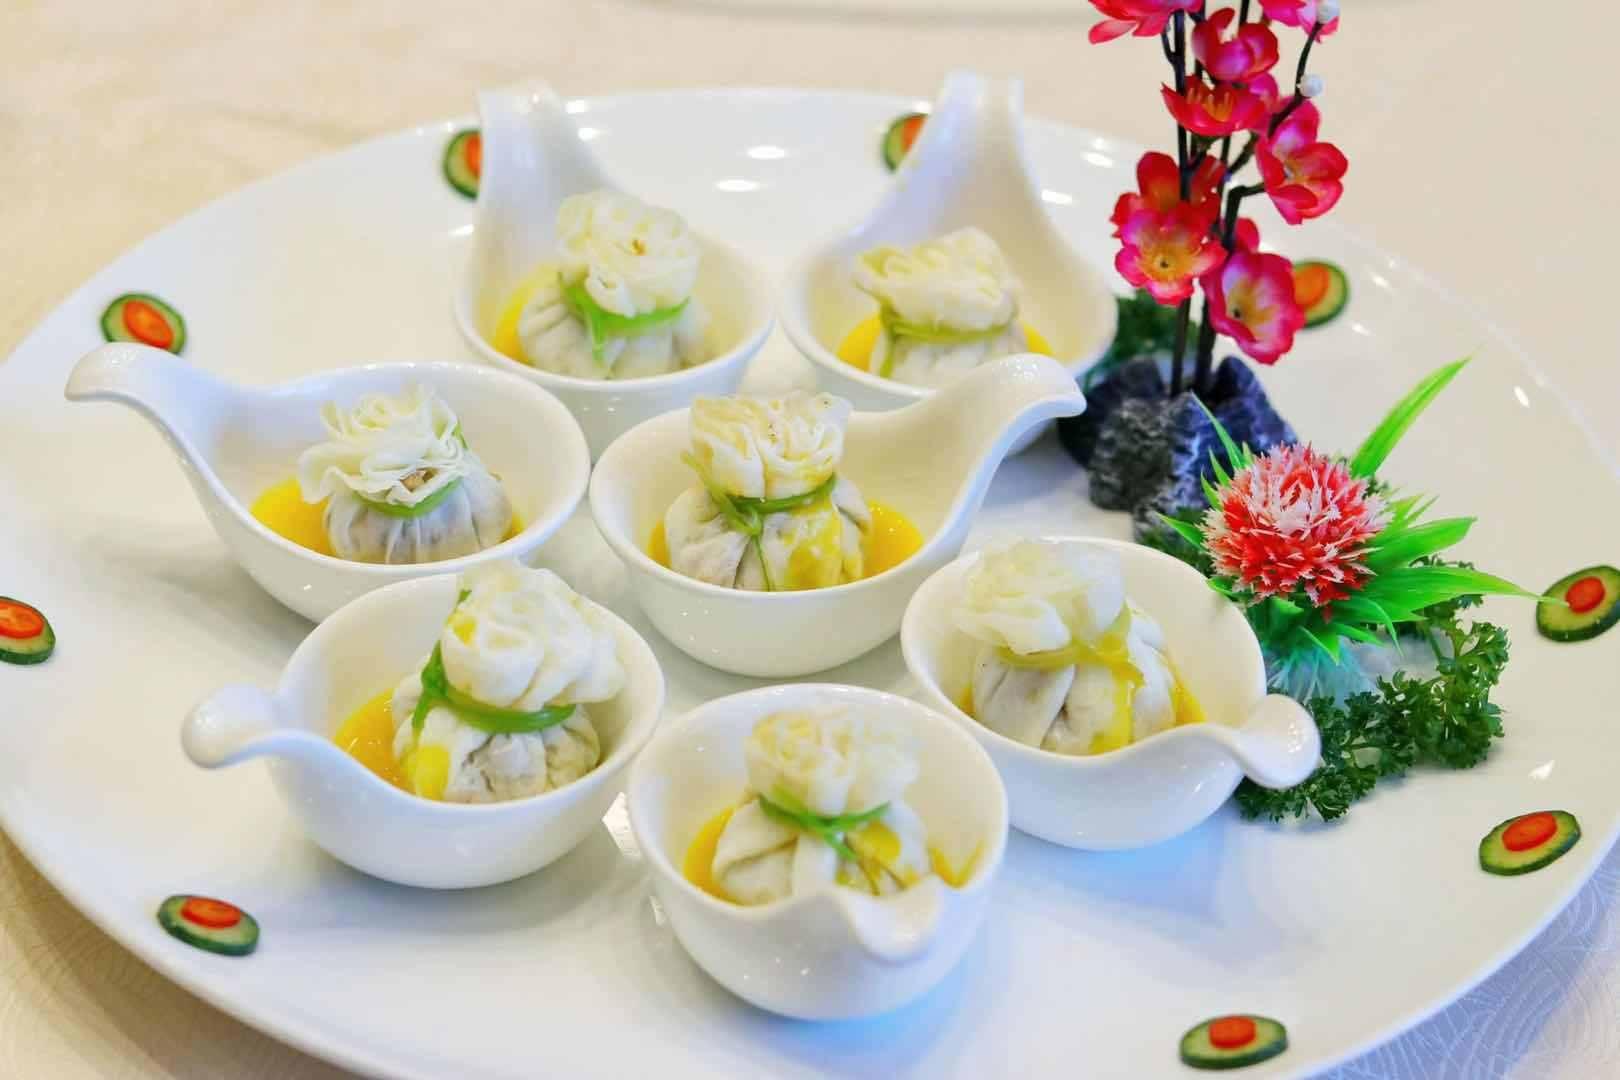 潮州|潮州市·潮州菜烹饪技艺、粤绣(珠绣)上榜!第五批国家级非遗项目名单公布